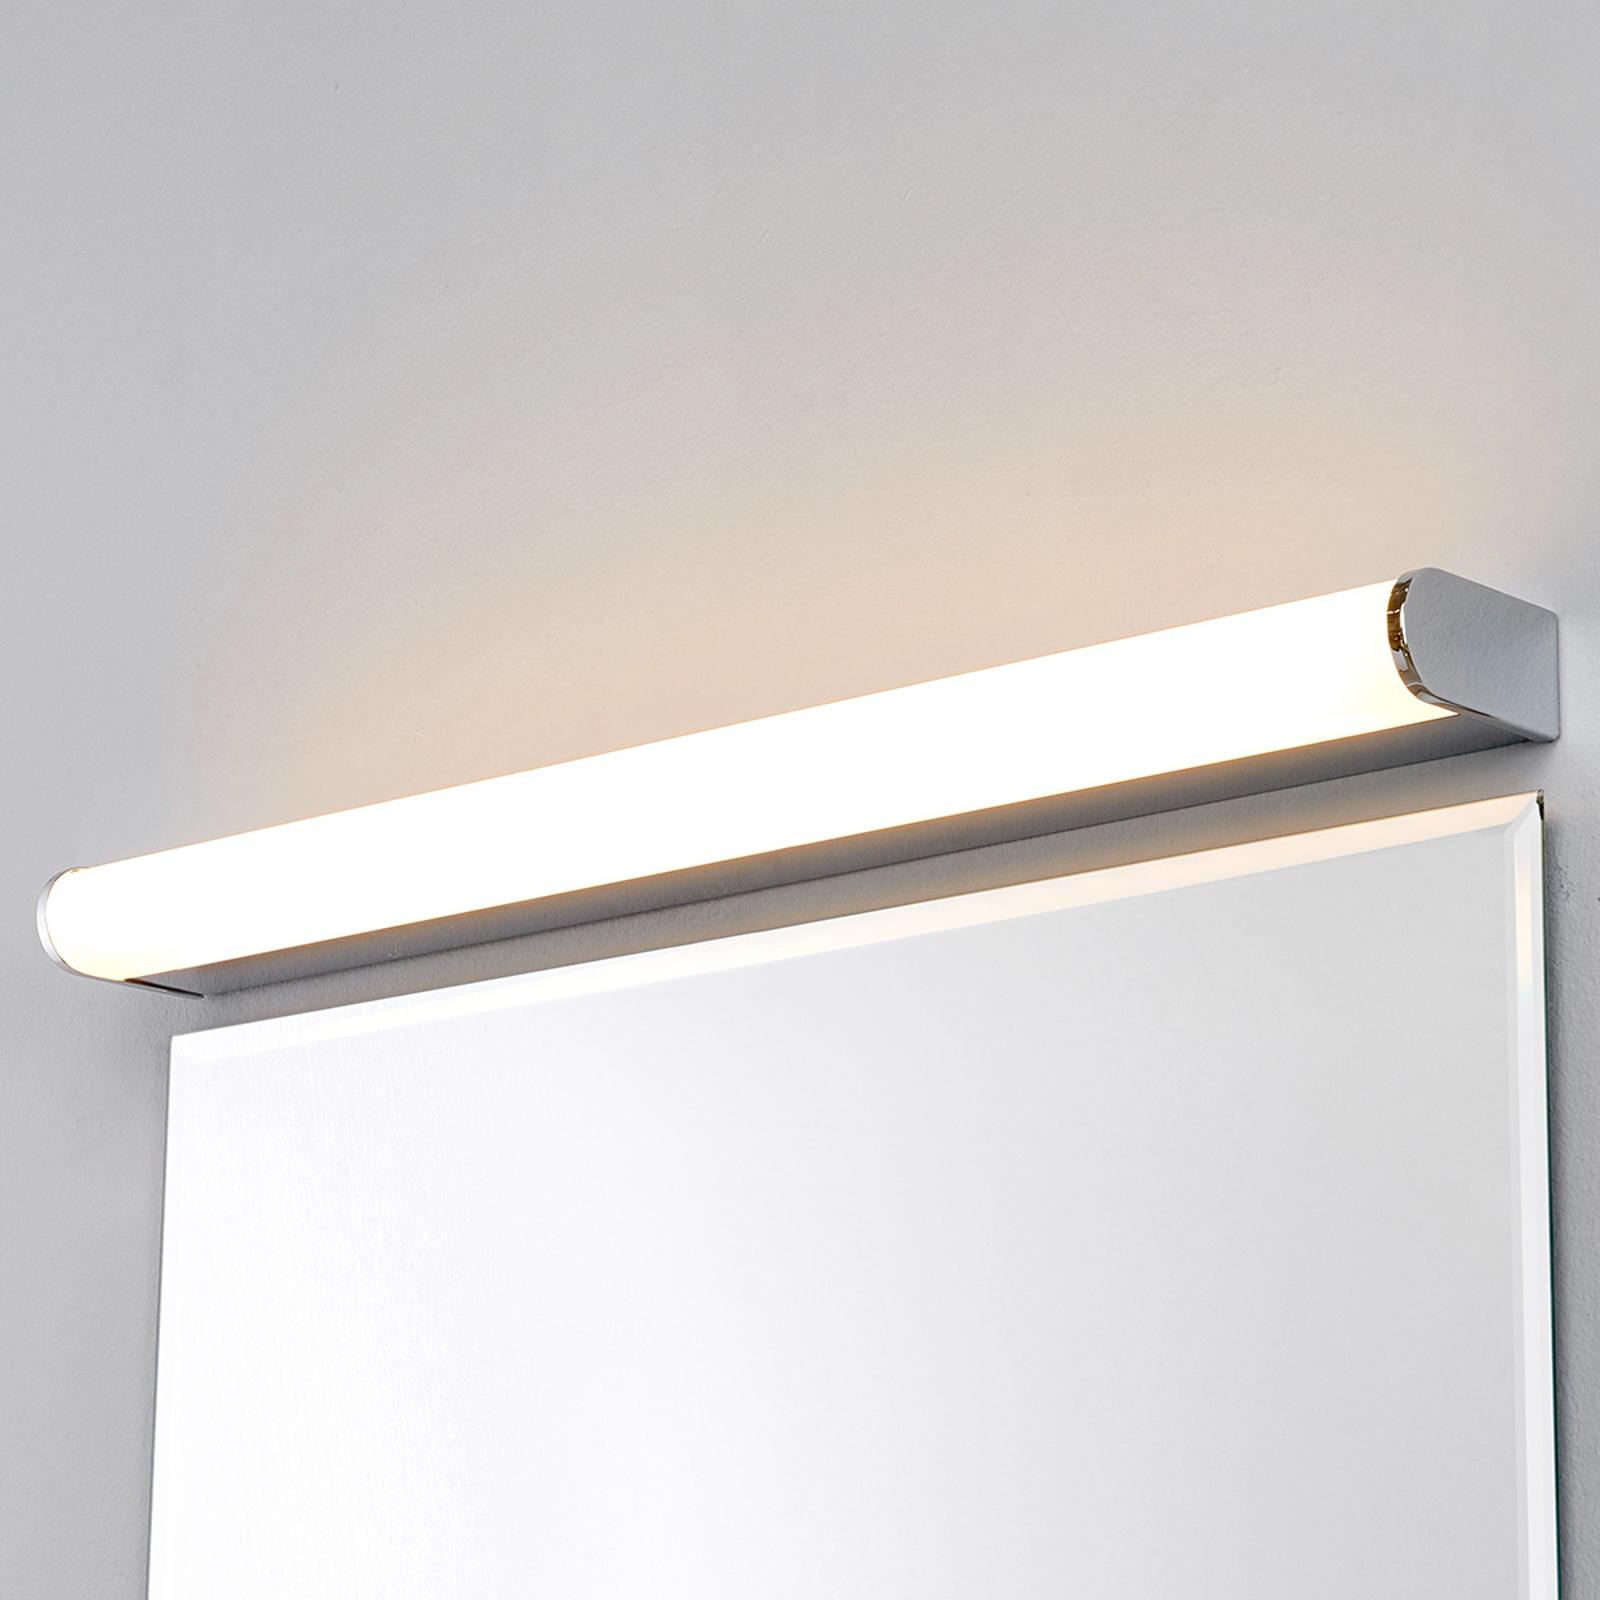 Oświetlenie lustra LED Philippa półokrągłe 58cm